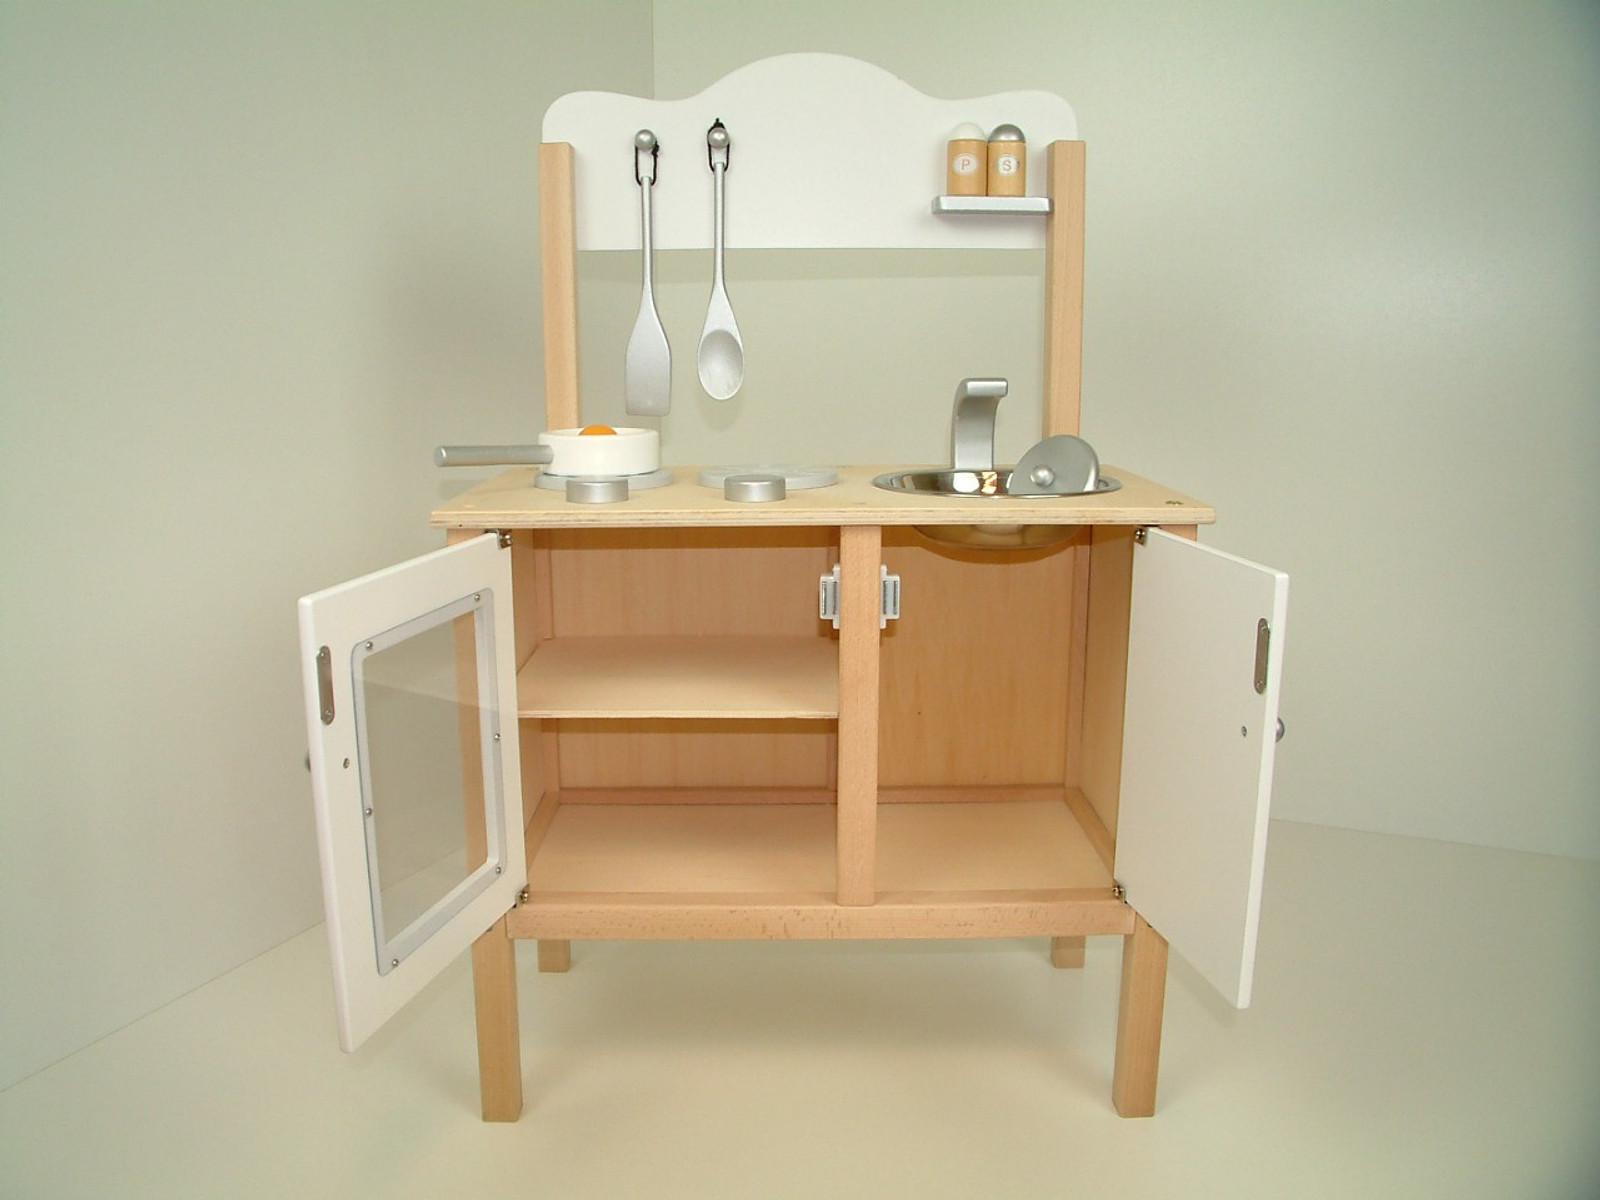 Combi-Küche / Kinderküche / Spielküche in weiss mit Zubehör aus Holz ...